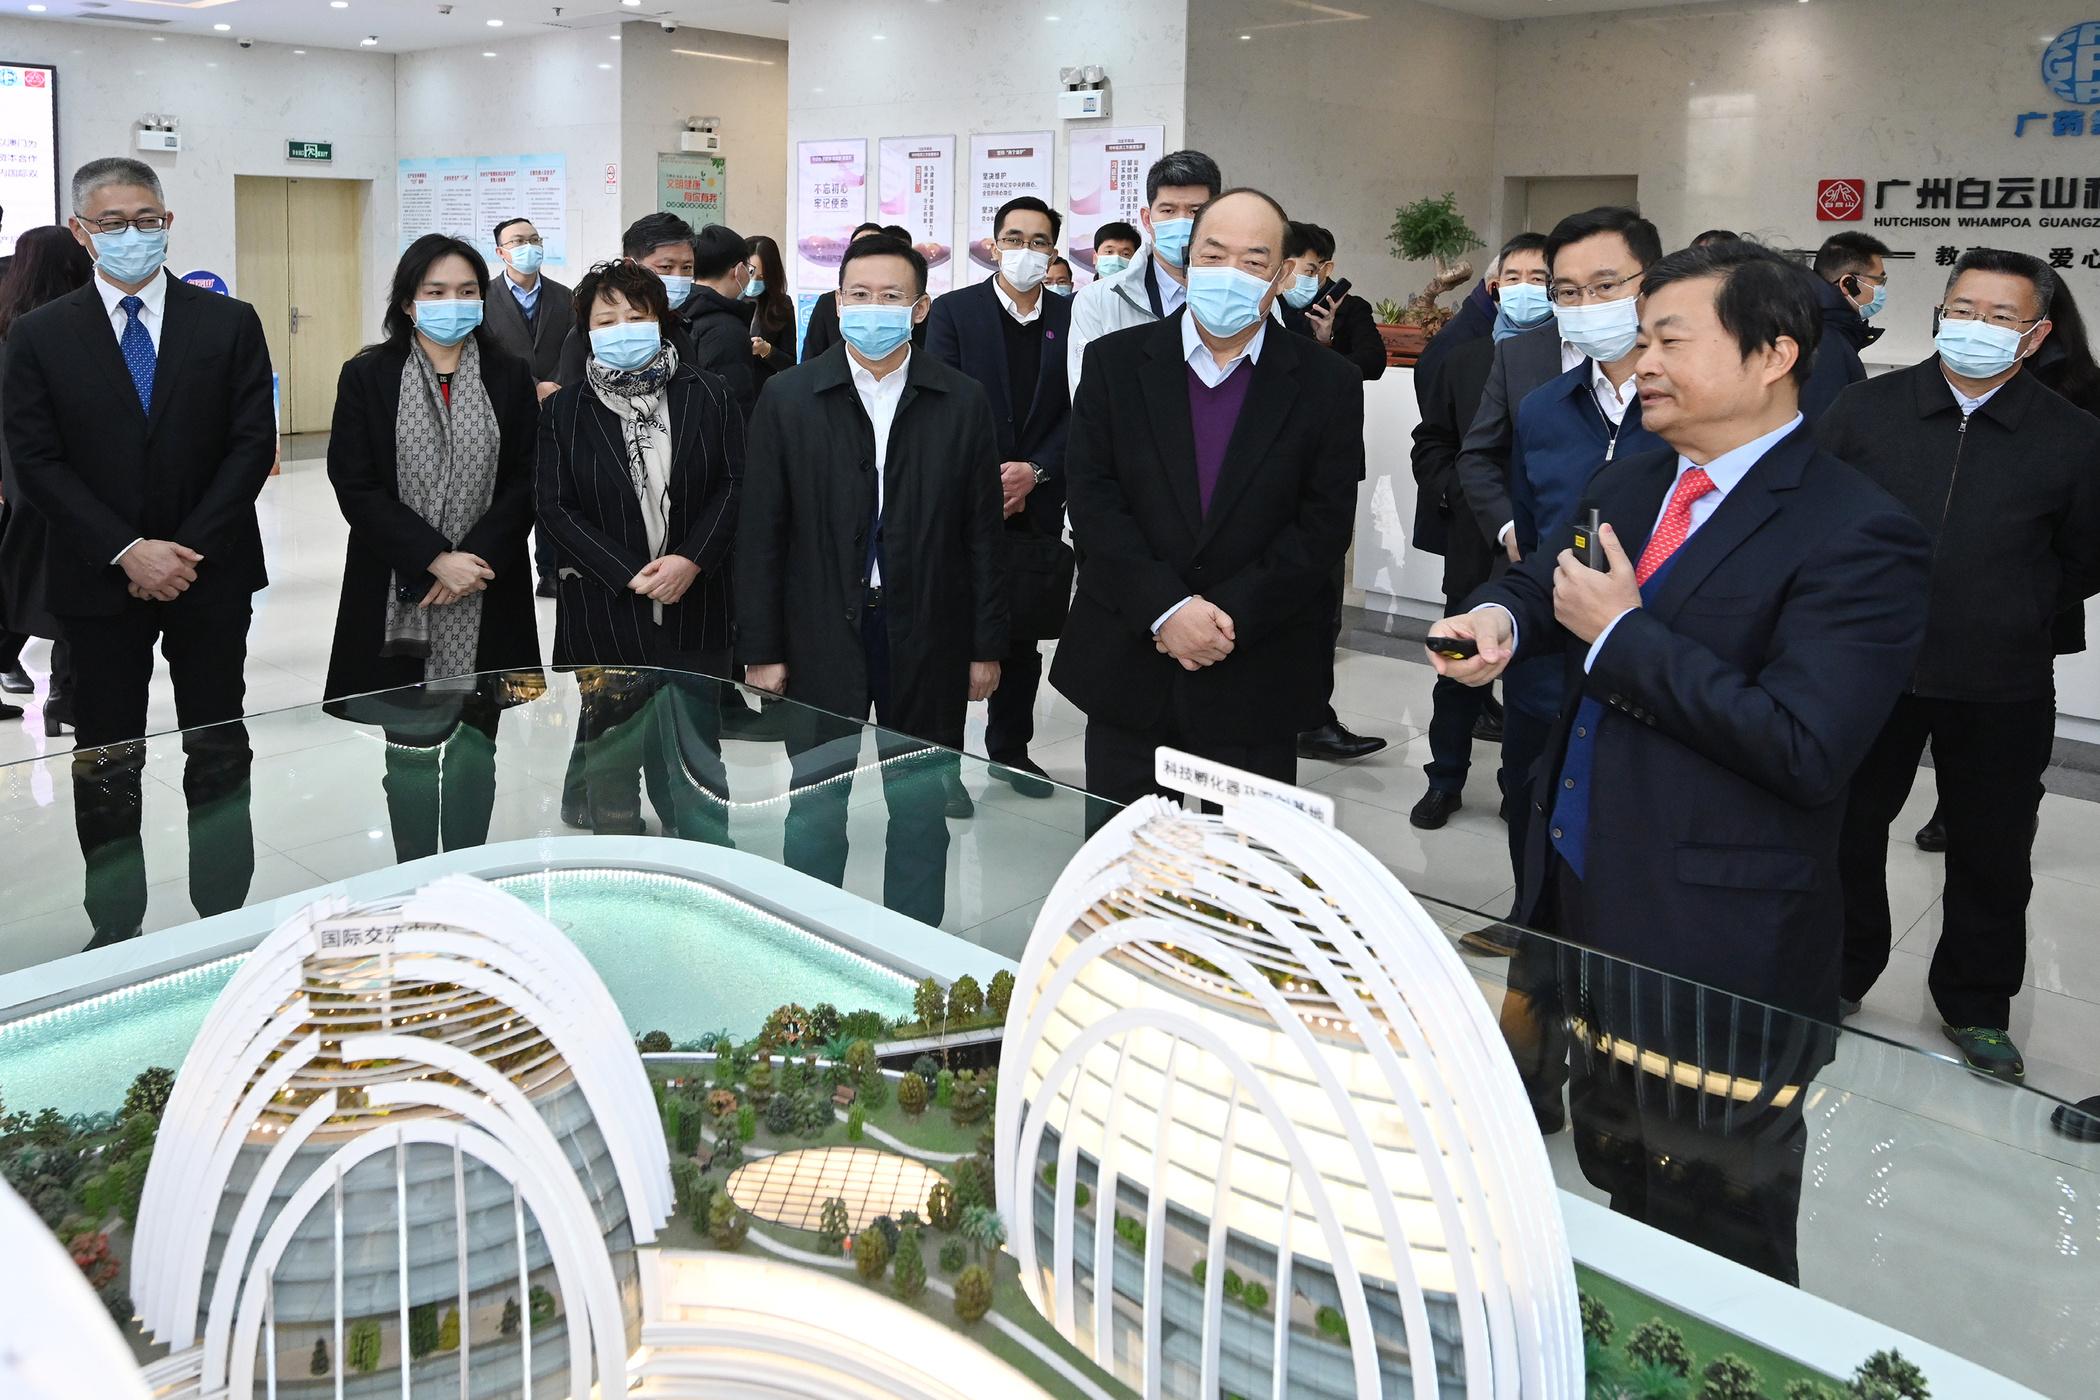 Ho Iat Seng visits a pharmaceutical company